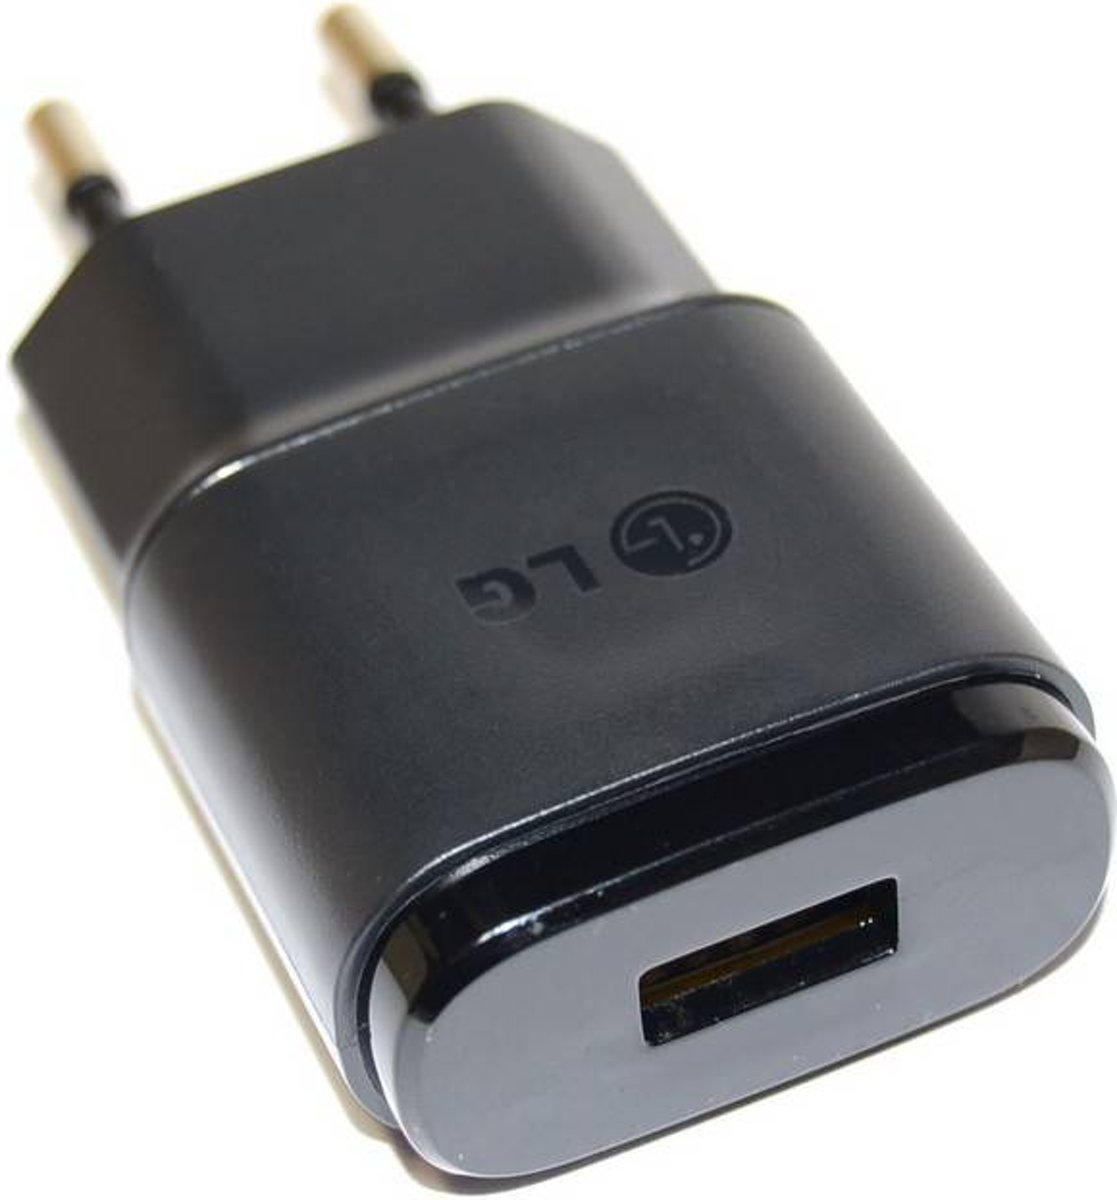 Lg Usb Charger Mcs 02ed Eac Black 475v 085a Eay62709906 Optimus L1 Ii E410 White